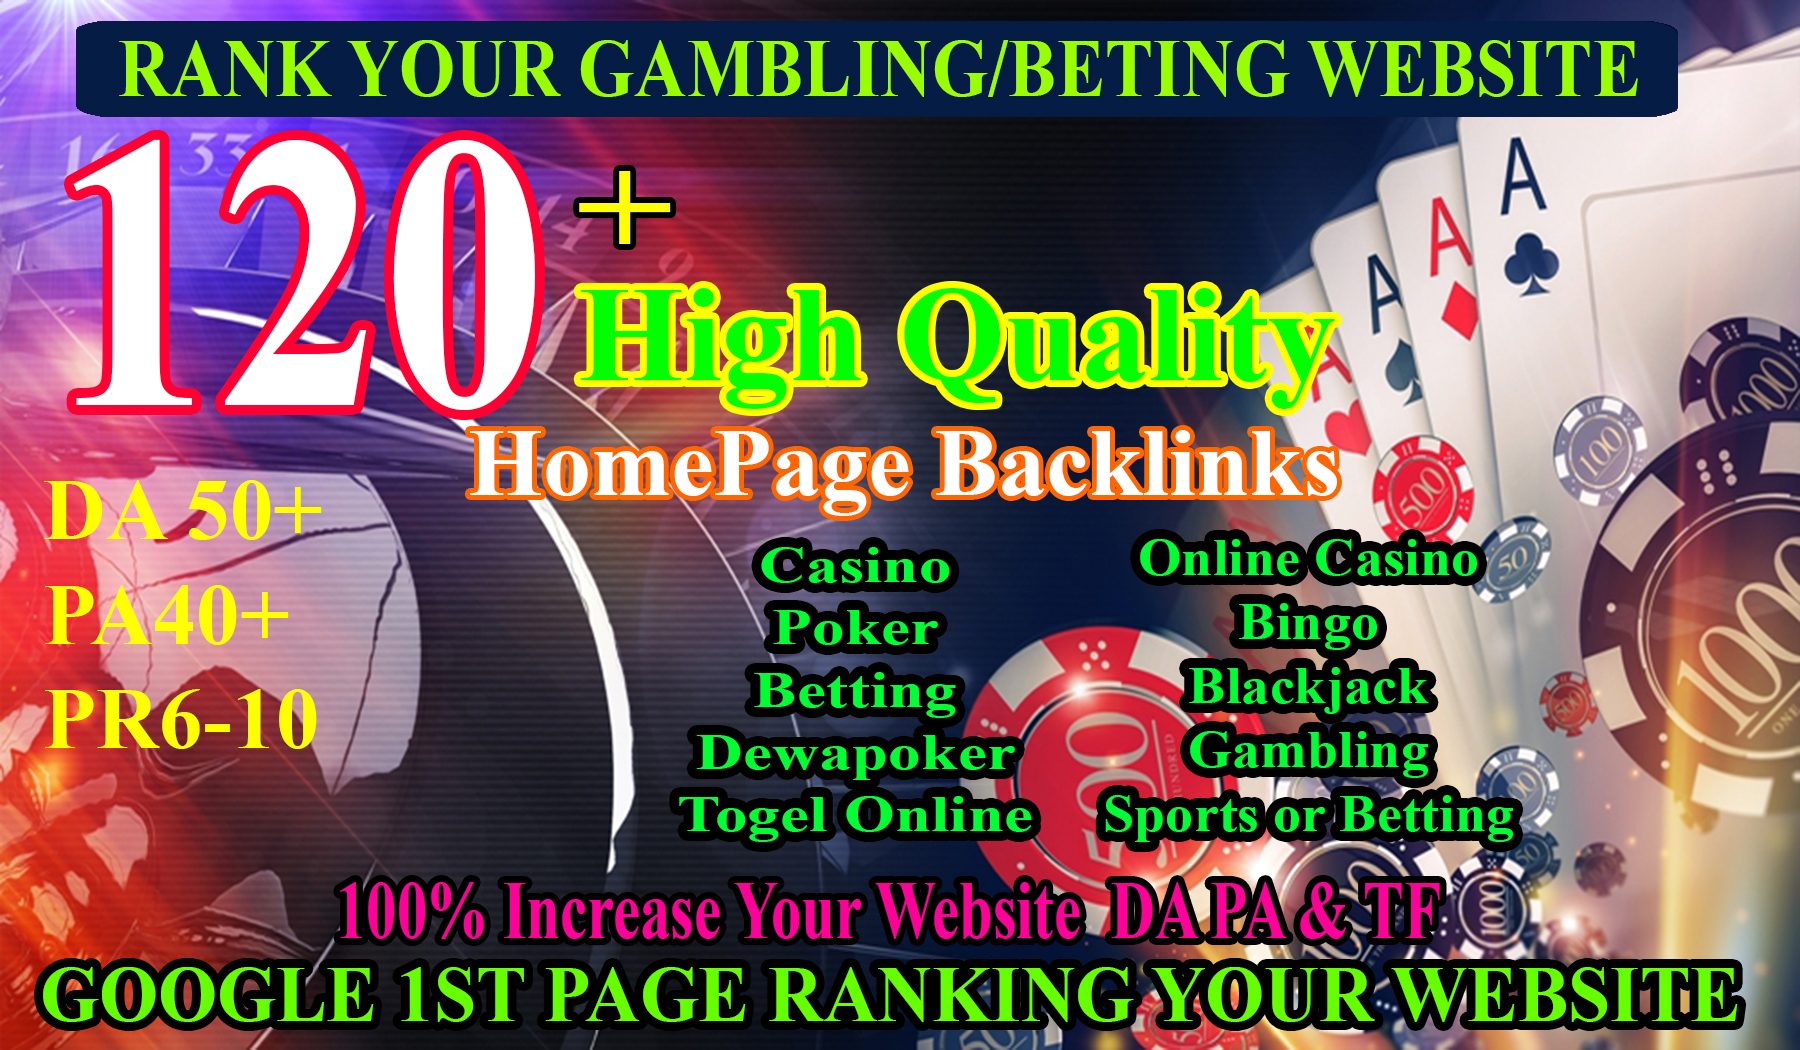 120 High Quality Homepage Backlink Casino,  Poker,  Gambling BETTING DA50+ PA 40+ 100 DOFOLLOW